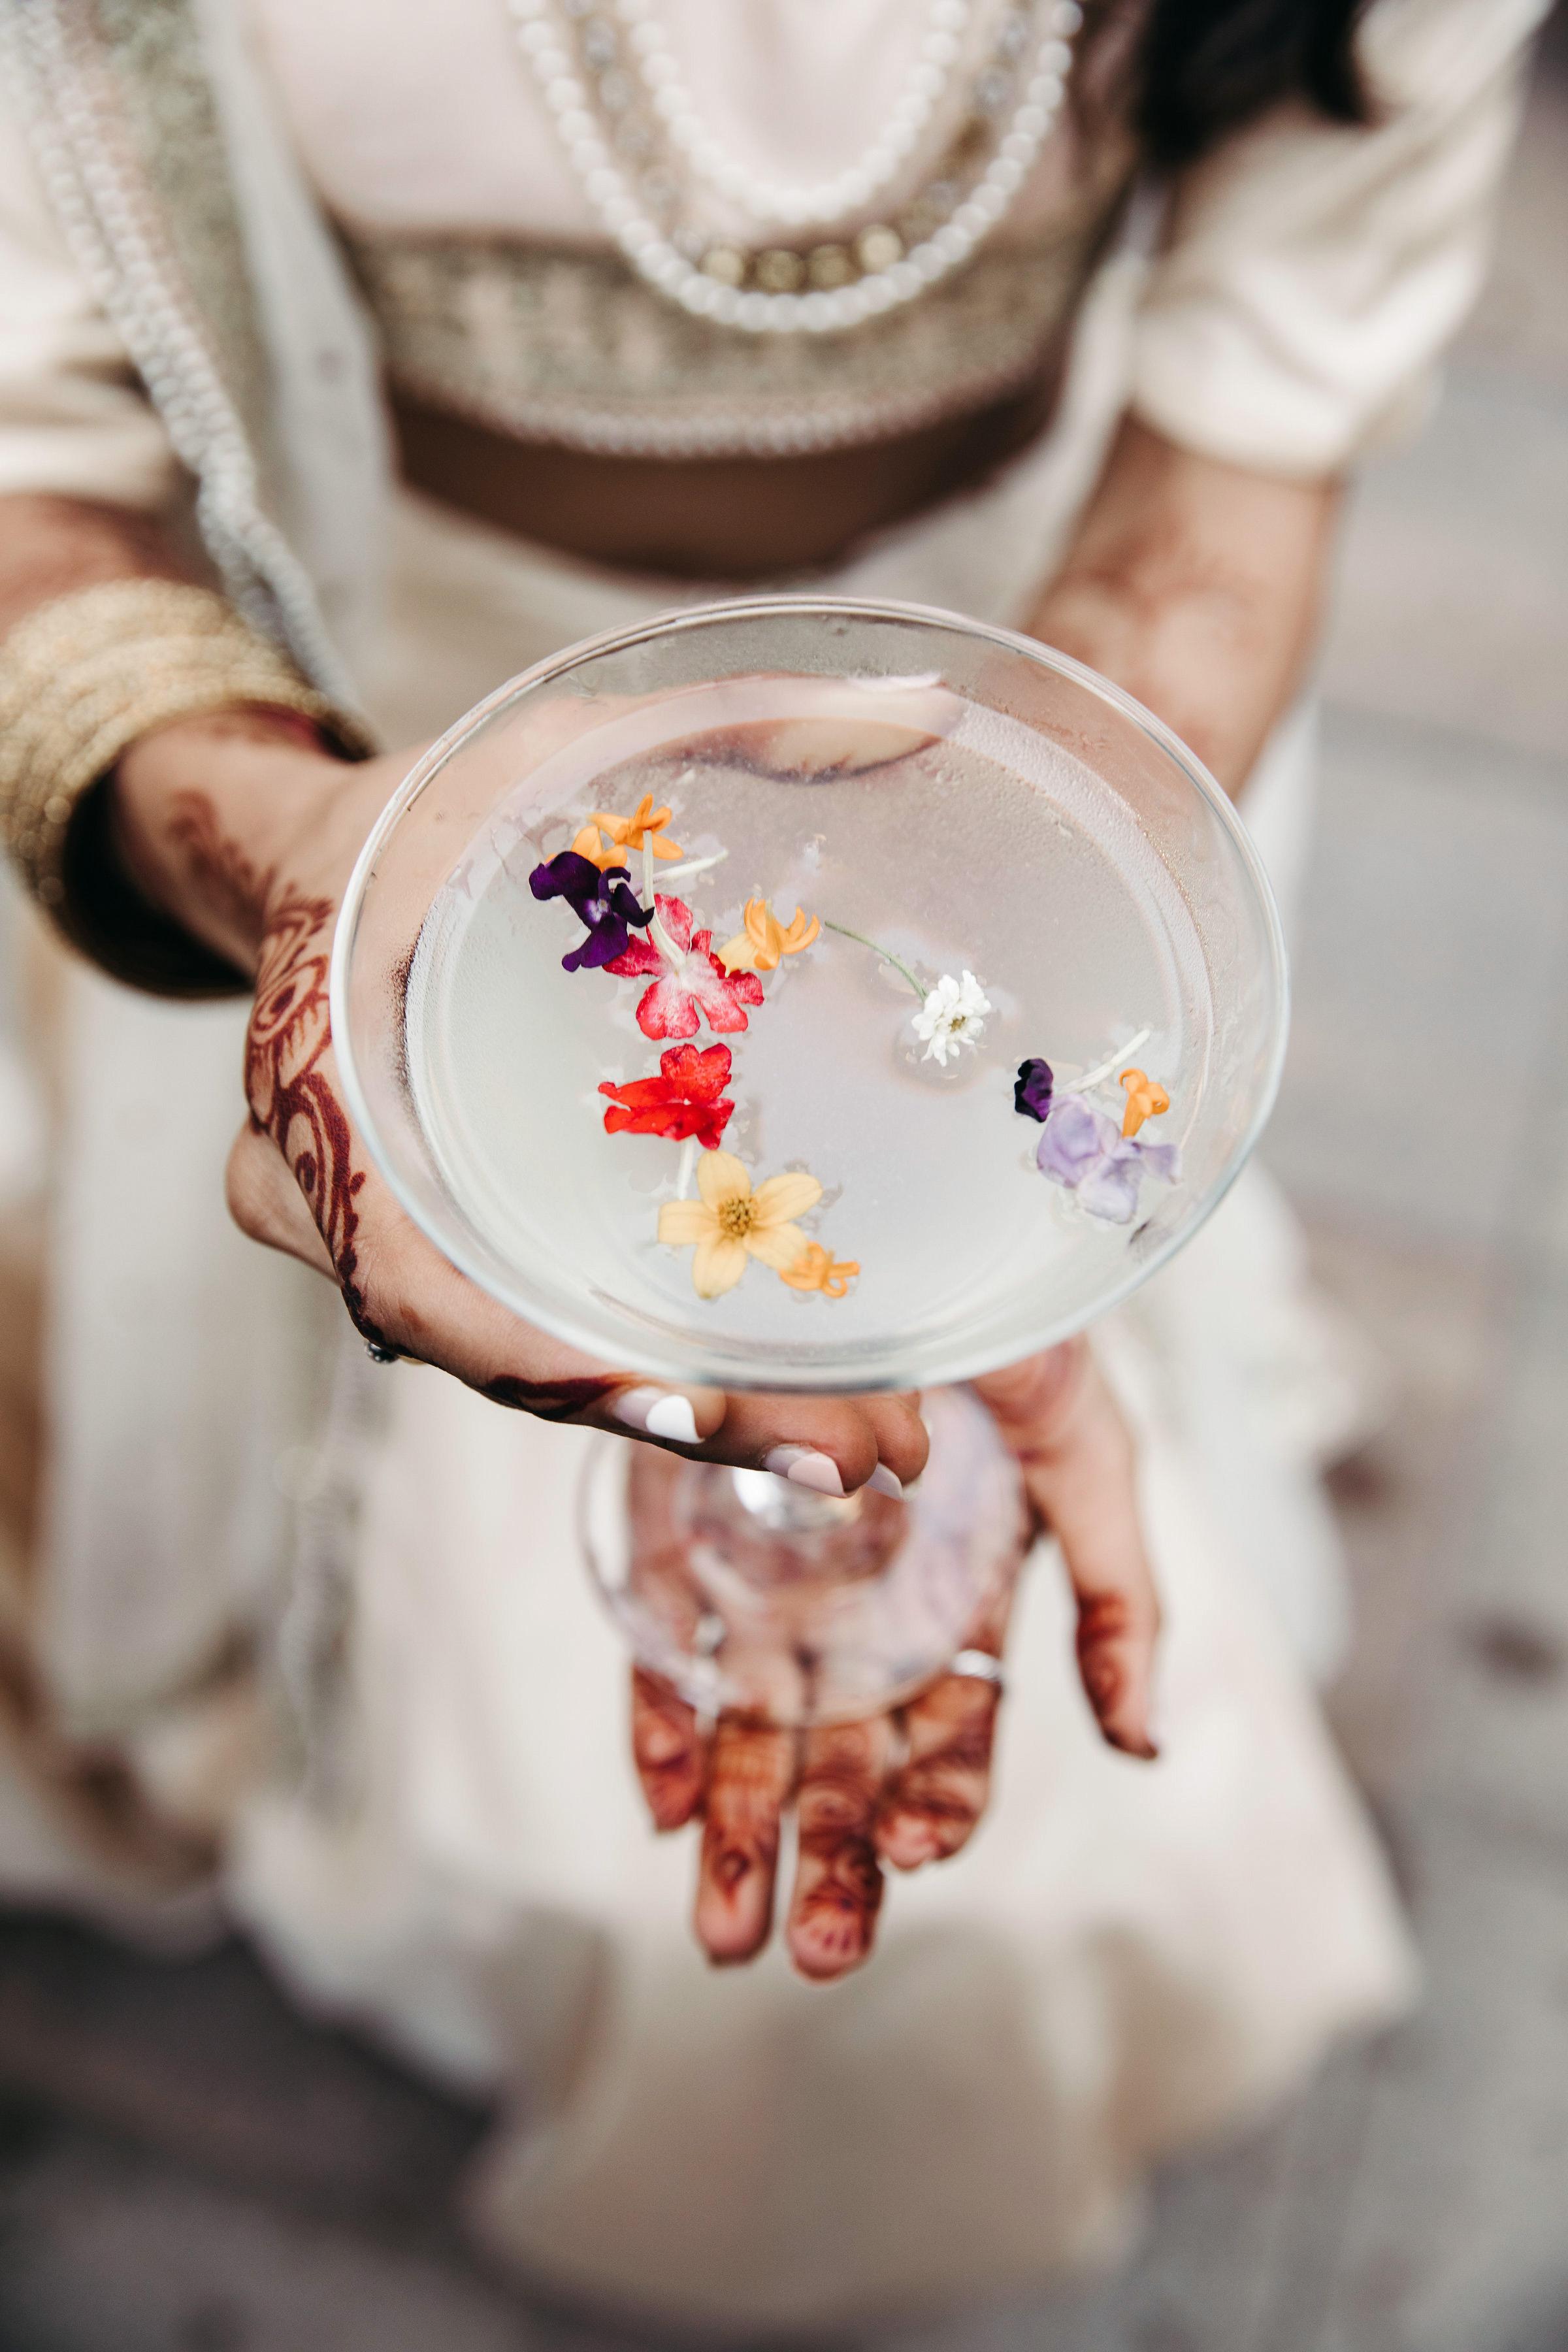 wedding beverage with gin elderflower edible flower garnish